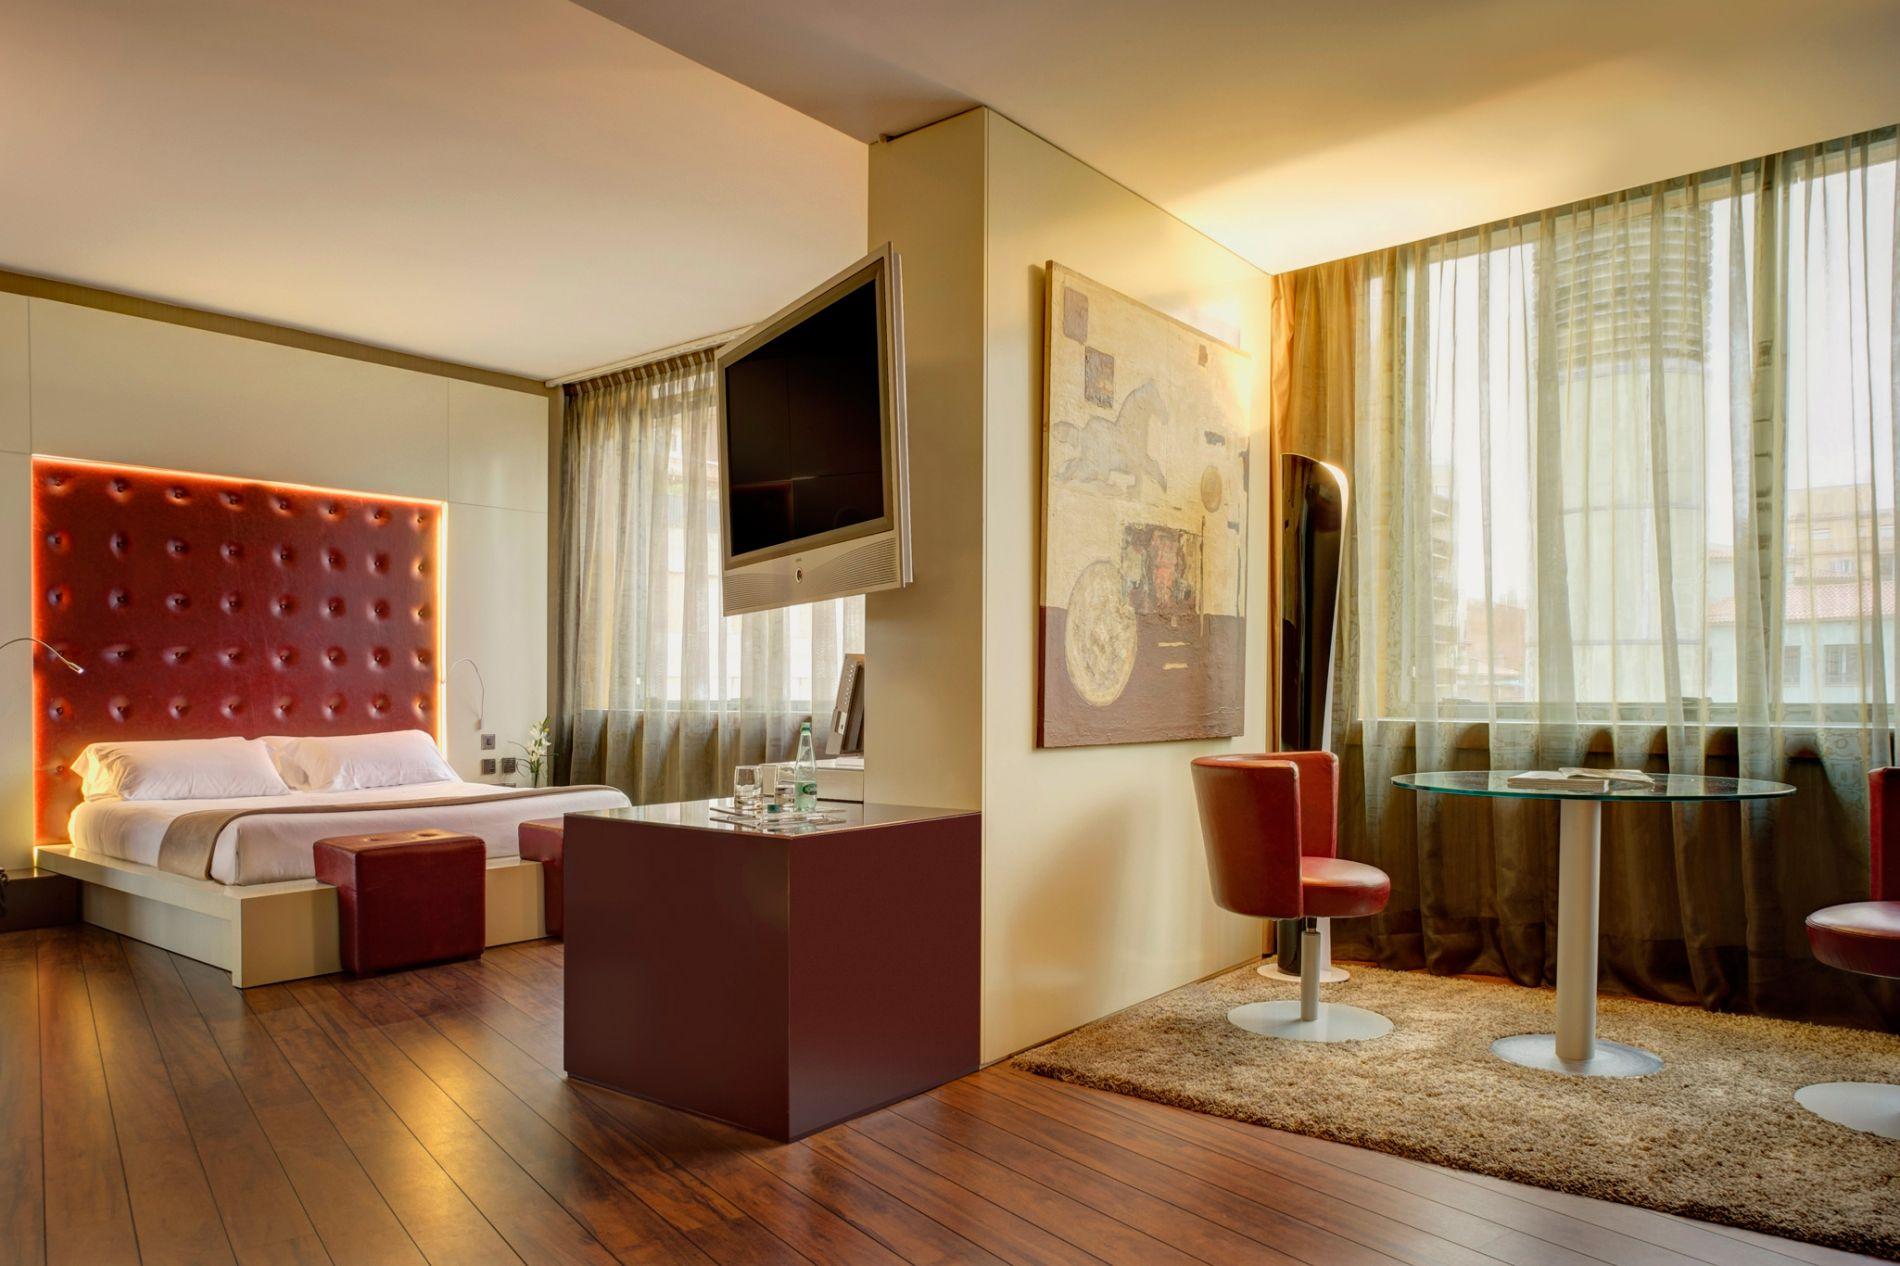 En Suite La Gi: Habitación Con Jacuzzi Privado · Hotel Carlemany Girona